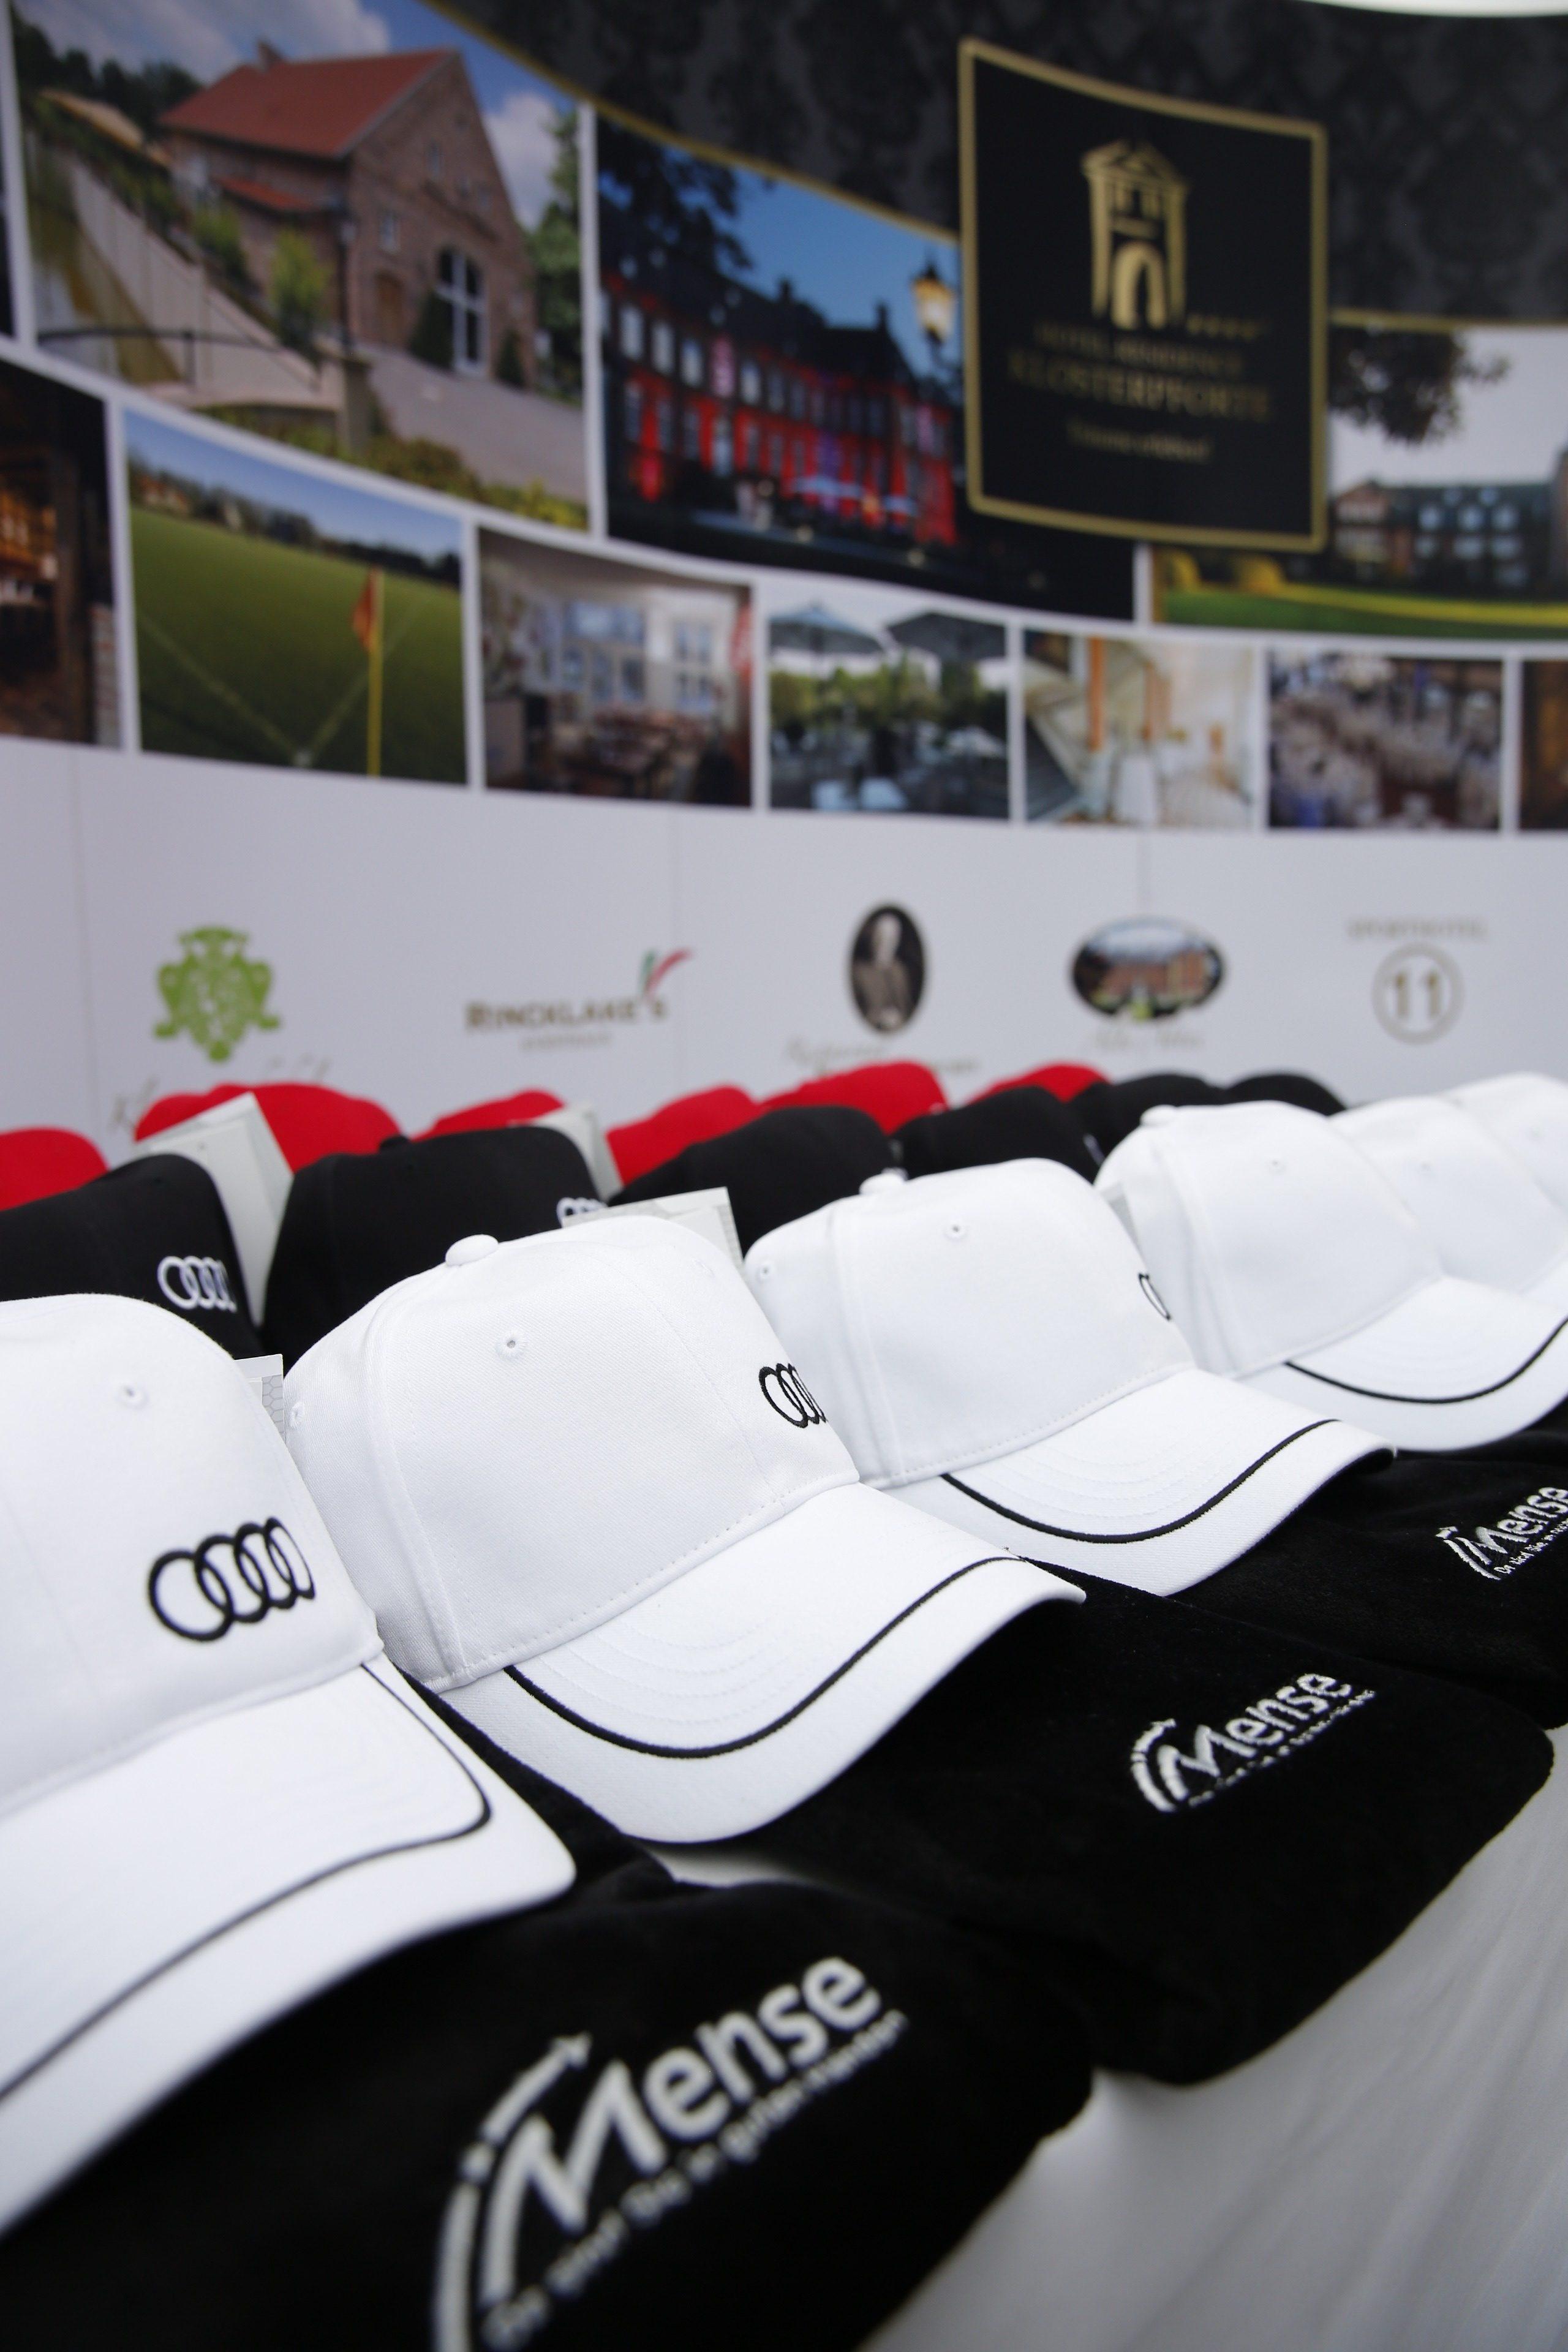 1st Klosterpforten Masters – Golf tournament